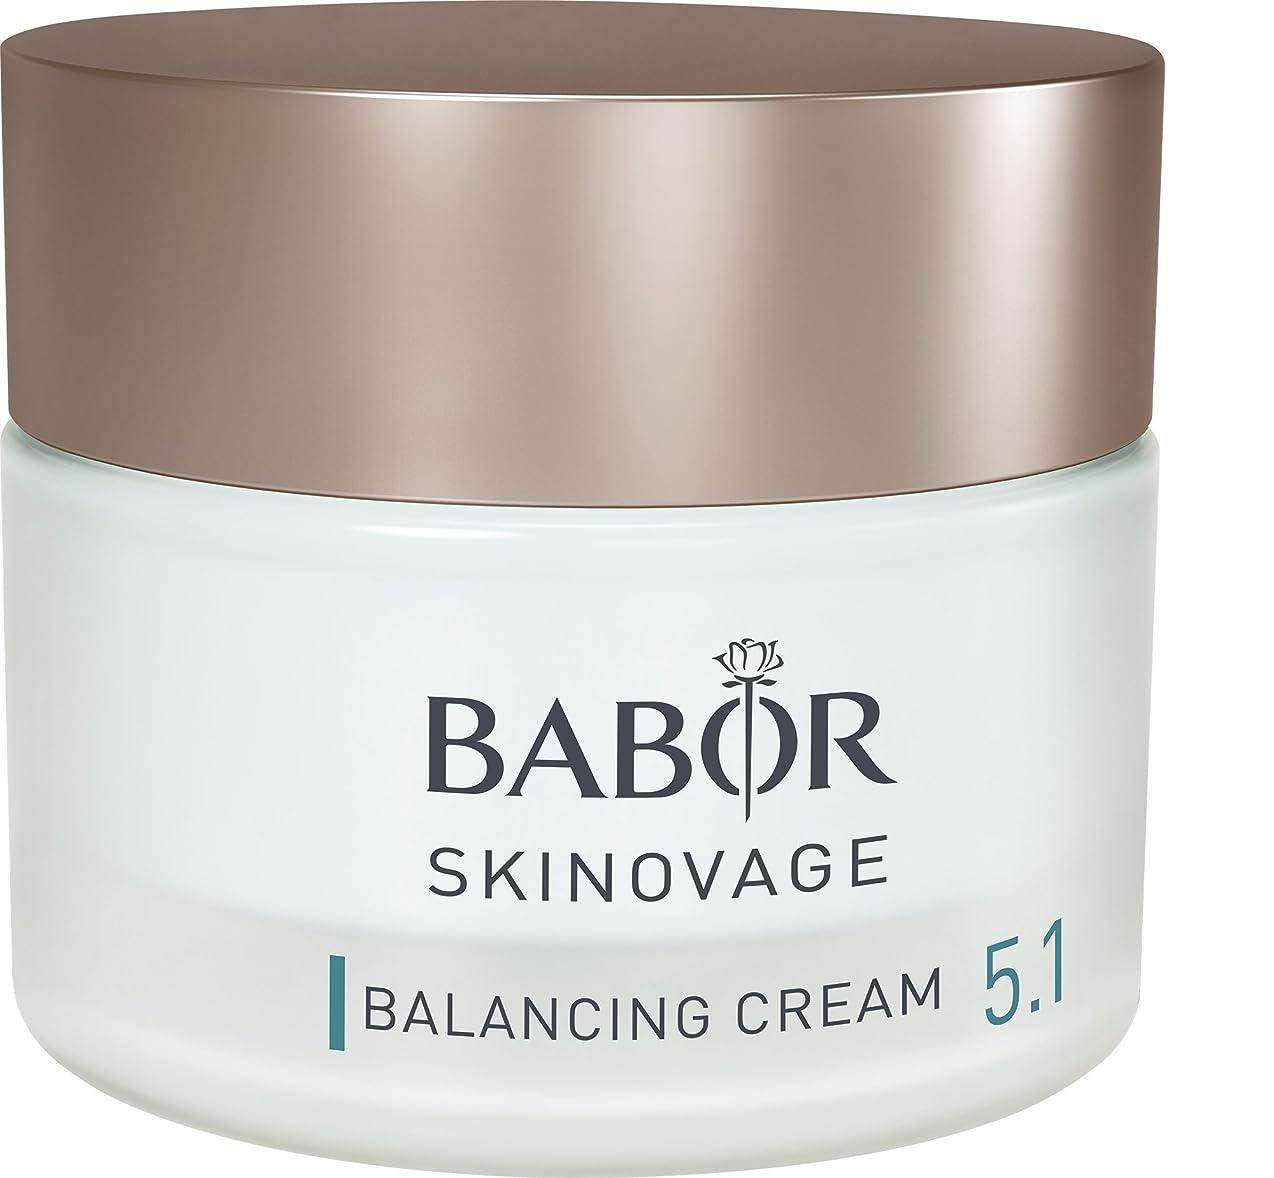 検索翻訳するイソギンチャクバボール Skinovage [Age Preventing] Balancing Cream 5.1 - For Combination Skin 50ml/1.7oz並行輸入品